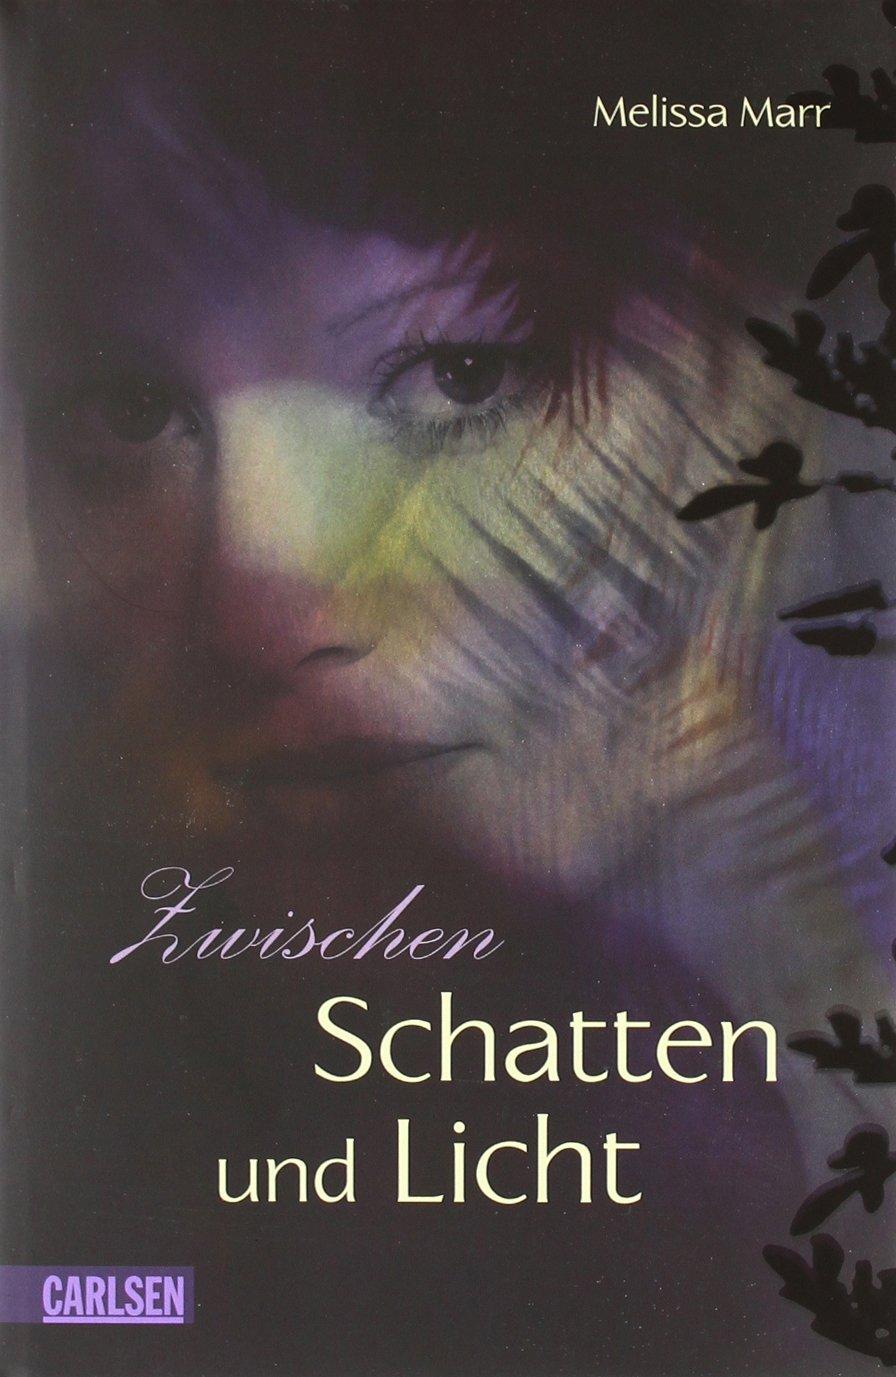 http://www.amazon.de/Sommerlicht-Serie-Band-Zwischen-Schatten-Licht/dp/3551582521/ref=sr_1_3?ie=UTF8&qid=1414657978&sr=8-3&keywords=zwischen+schatten+und+licht